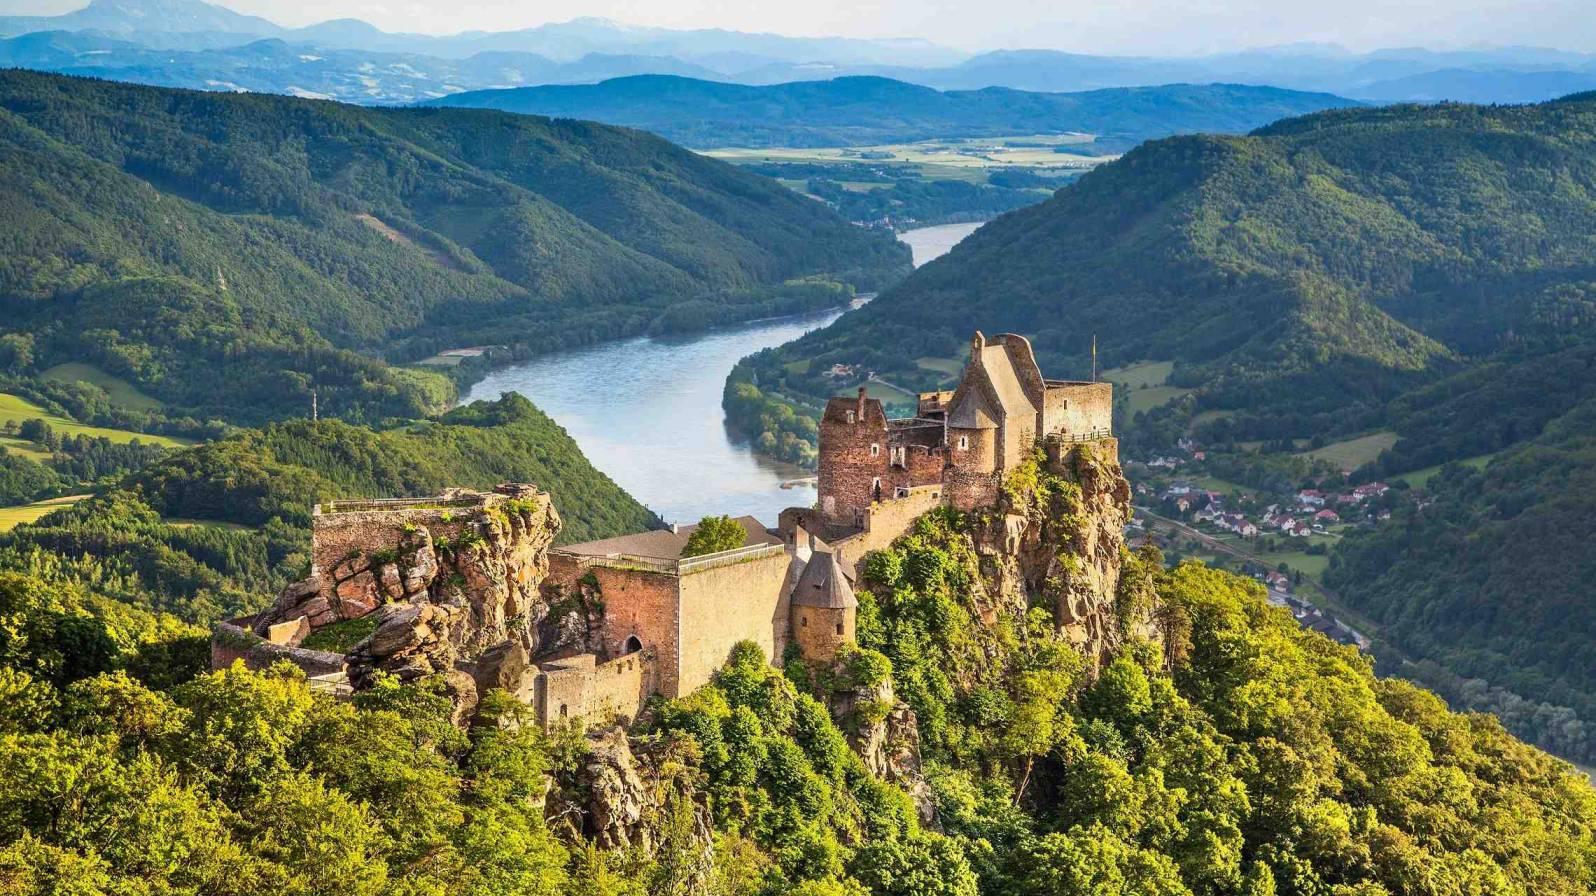 Wachaun-laakso-Itävalta-Tonavan-risteily-1596x896.jpg